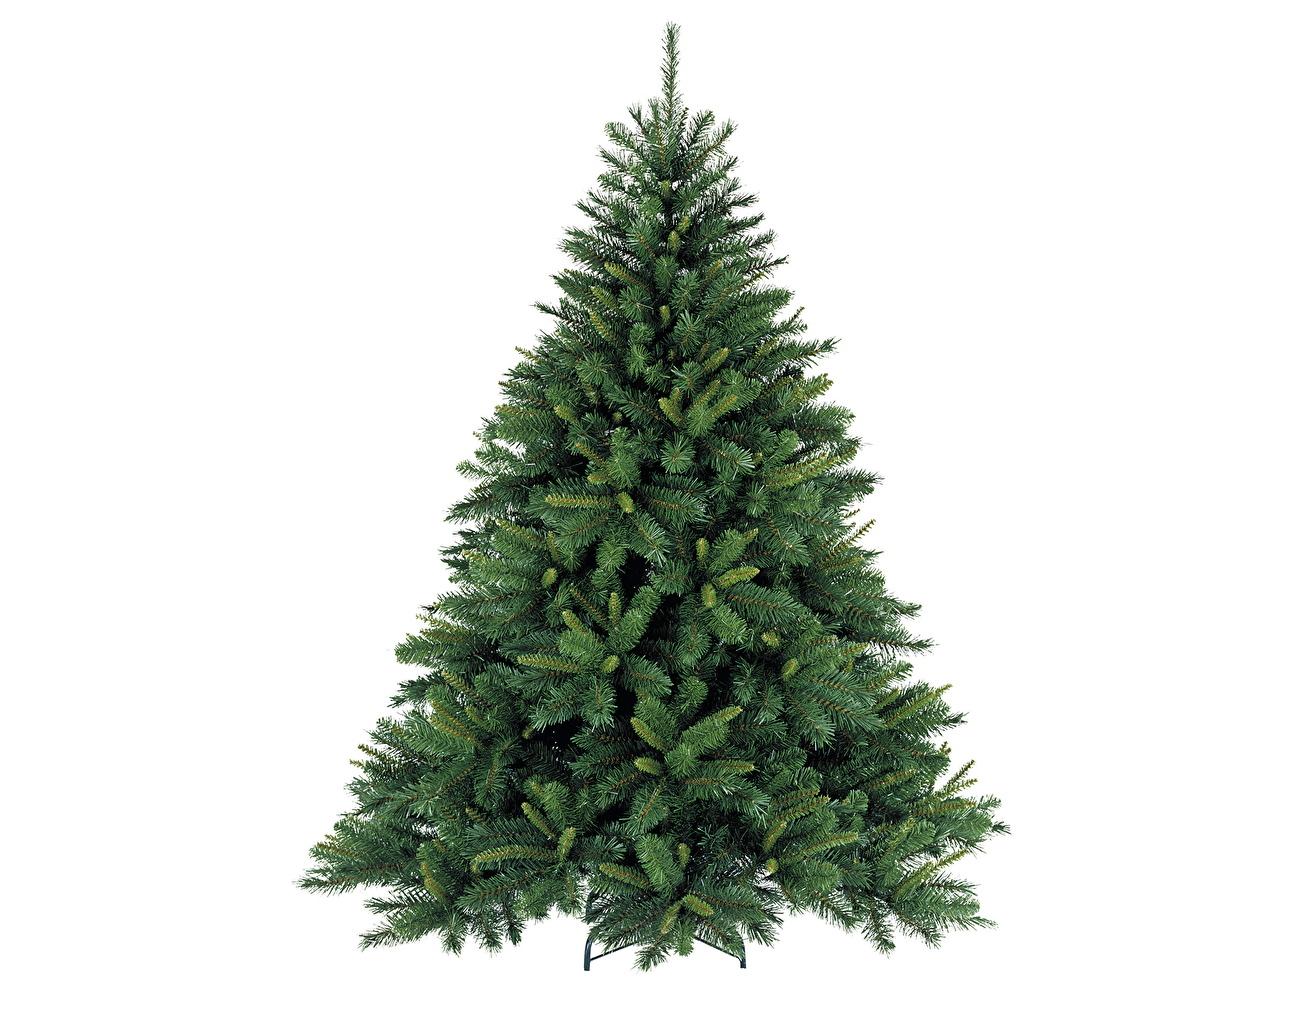 Foto Natur Tannenbaum Bäume Nahaufnahme Christbaum Weihnachtsbaum hautnah Großansicht